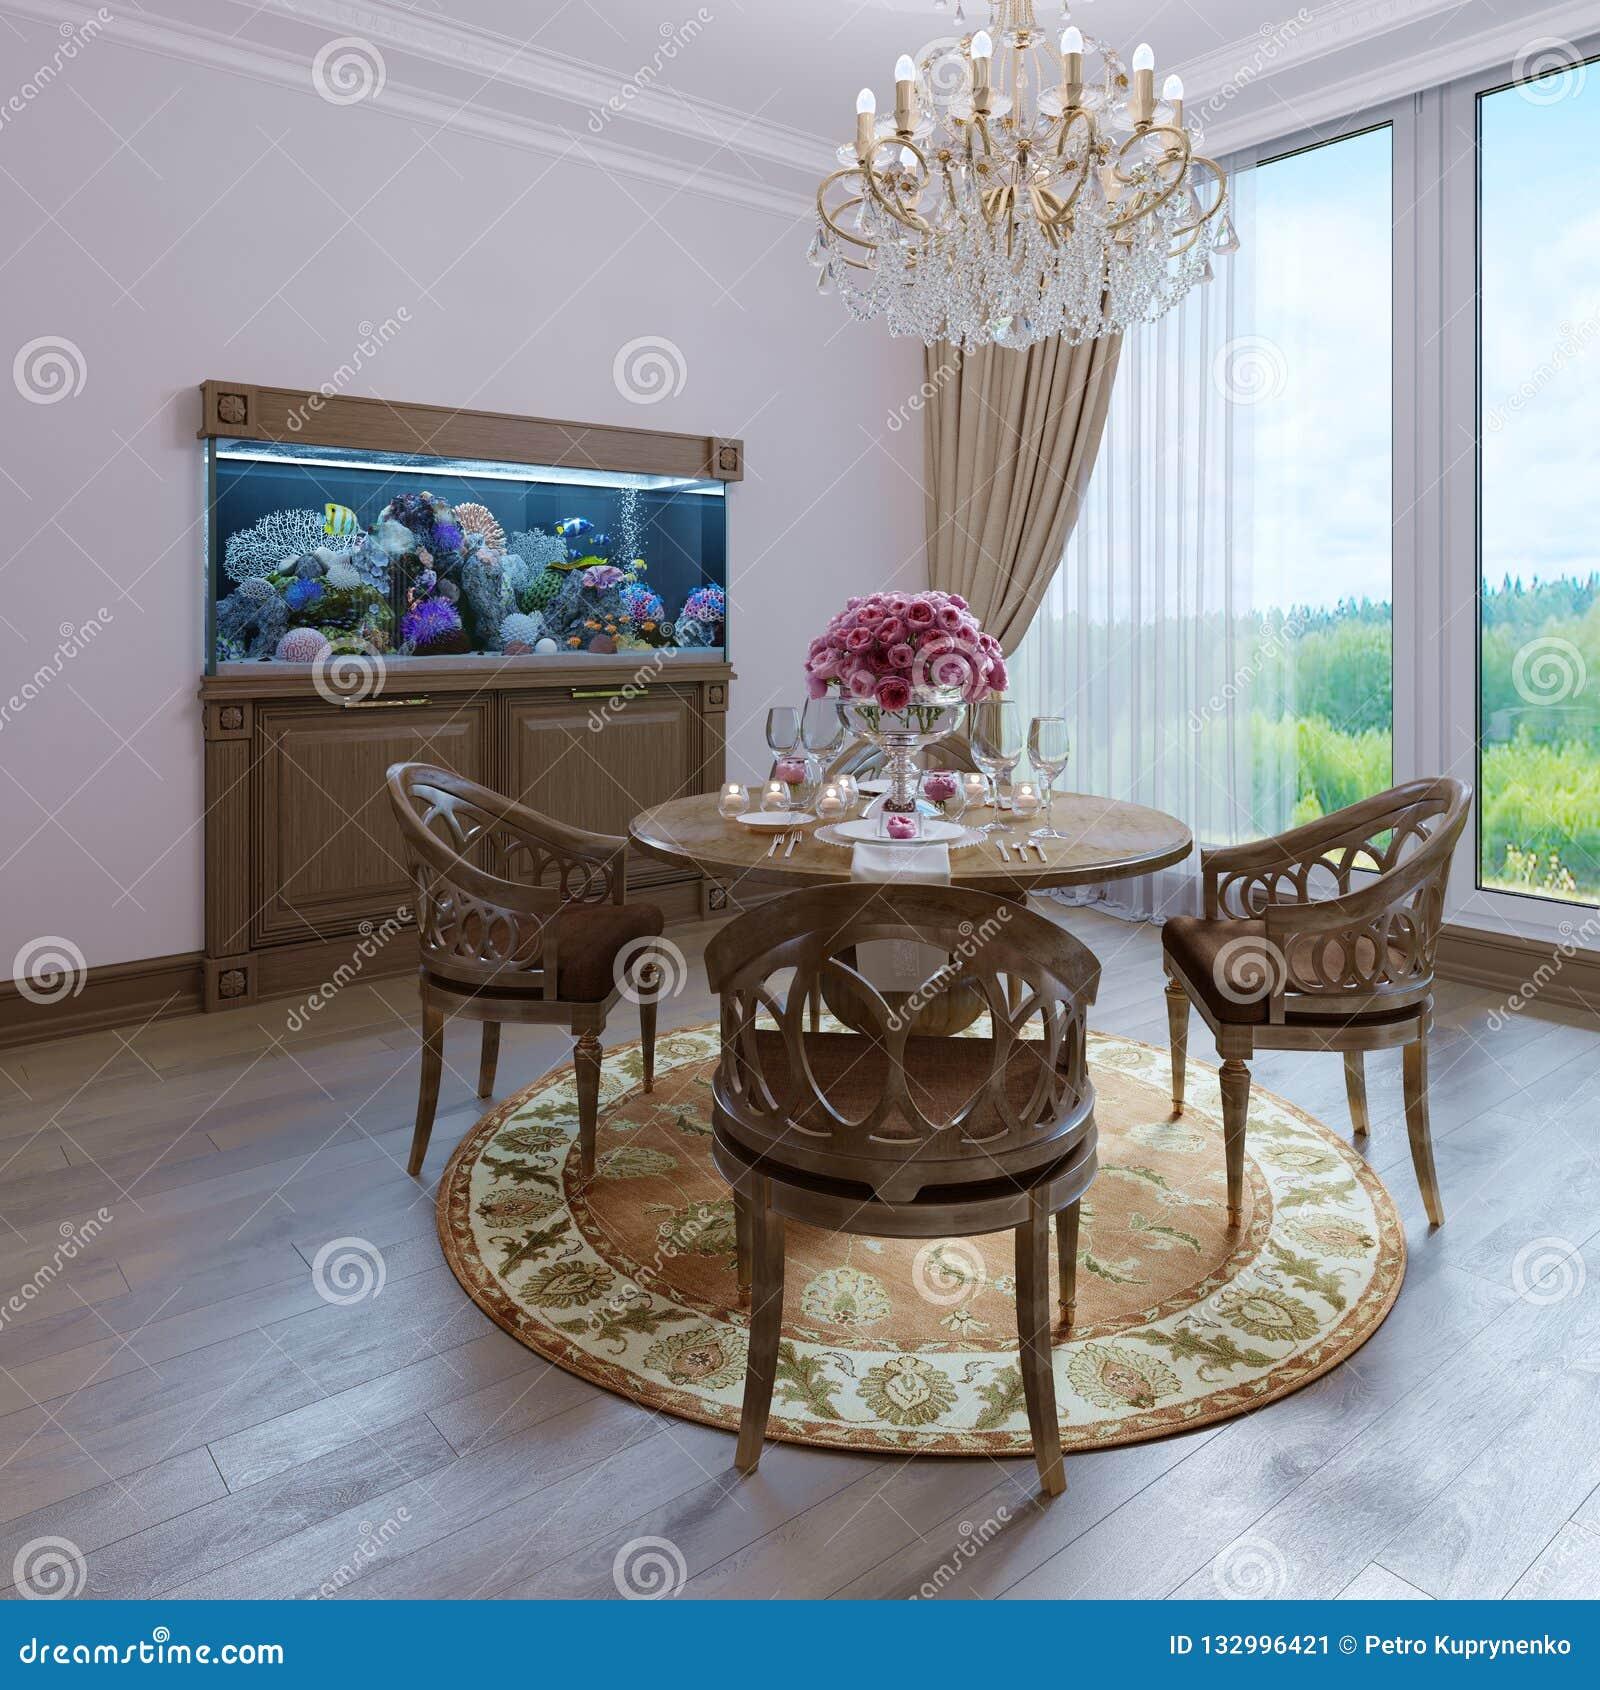 Estilo clásico blanco interior de lujo del comedor de la silla marrón de la pared y de los muebles, lámpara clásica